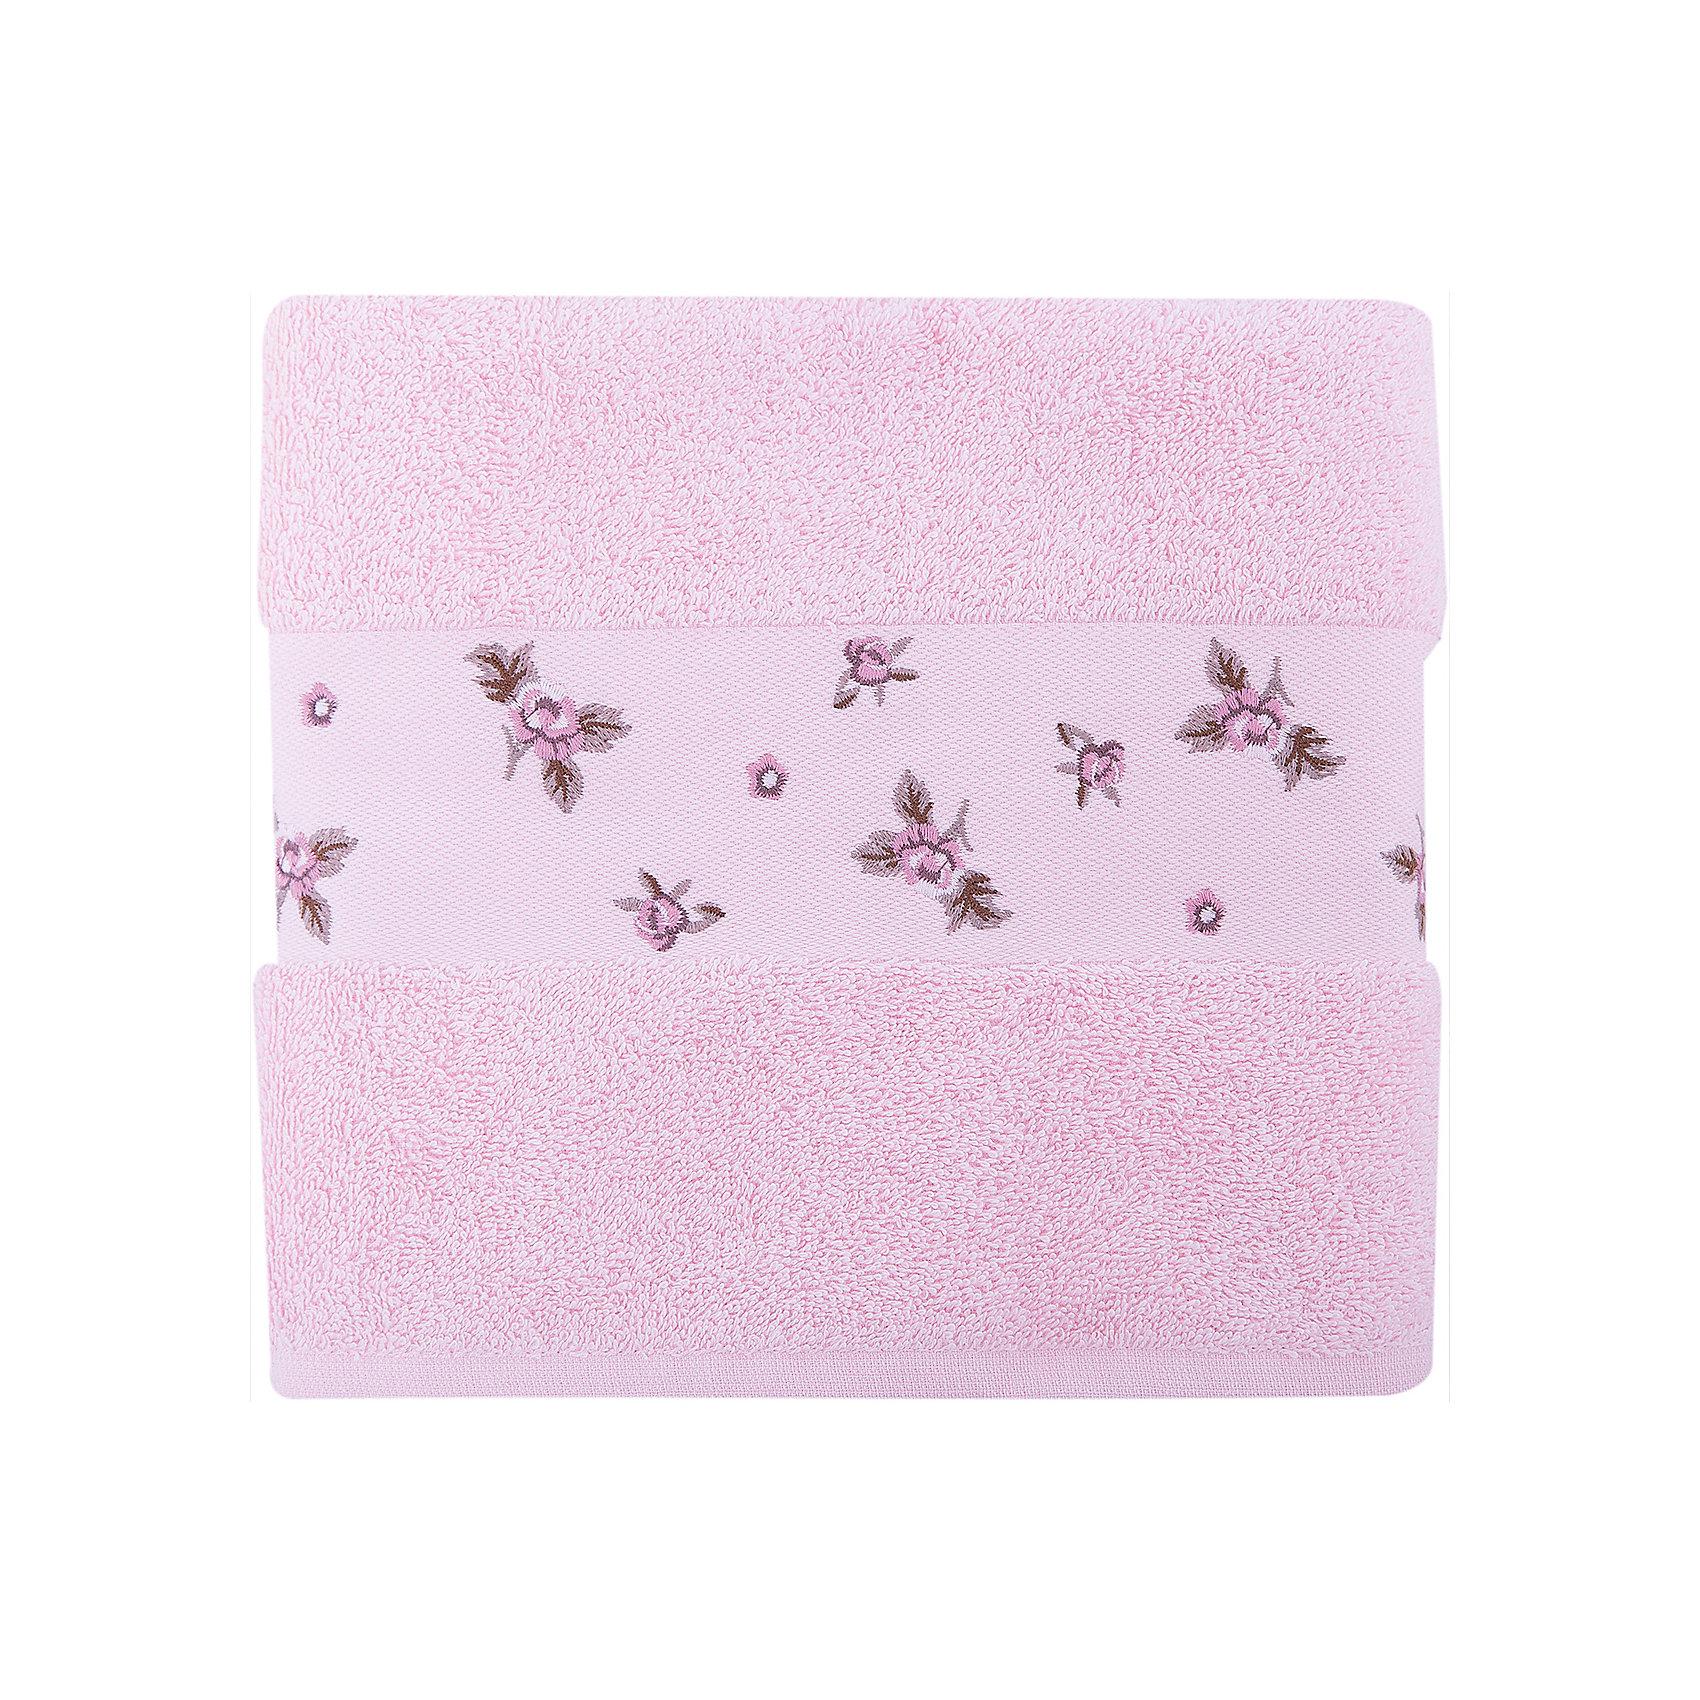 Полотенце махровое 50*90 Розали, Cozy Home, розовыйВанная комната<br>Полотенце махровое 50*90 Розали, Cozy Home (Кози Хоум), розовый<br><br>Характеристики:<br><br>• хорошо впитывает влагу<br>• необычный дизайн<br>• материал: хлопок<br>• размер: 50х90 см<br>• цвет: розовый<br><br>Махровое полотенце Розали очарует вас своей мягкостью и красотой. Нежные волокна отлично впитывают влагу, а само полотенце легко сохнет. Хлопок обладает высокой гипоаллергенностью и не поддается деформации и выцветанию - полотенце сохранит форму и цвет после долгого использования. Кроме того, полотенце декорировано прекрасной вышивкой с цветочным узором. Полотенце Розали - для тех, кто ценит стиль и качество.<br><br>Полотенце махровое 50*90 Розали, Cozy Home (Кози Хоум), розовый вы можете купить в нашем интернет-магазине.<br><br>Ширина мм: 150<br>Глубина мм: 250<br>Высота мм: 150<br>Вес г: 250<br>Возраст от месяцев: 0<br>Возраст до месяцев: 216<br>Пол: Женский<br>Возраст: Детский<br>SKU: 5355294